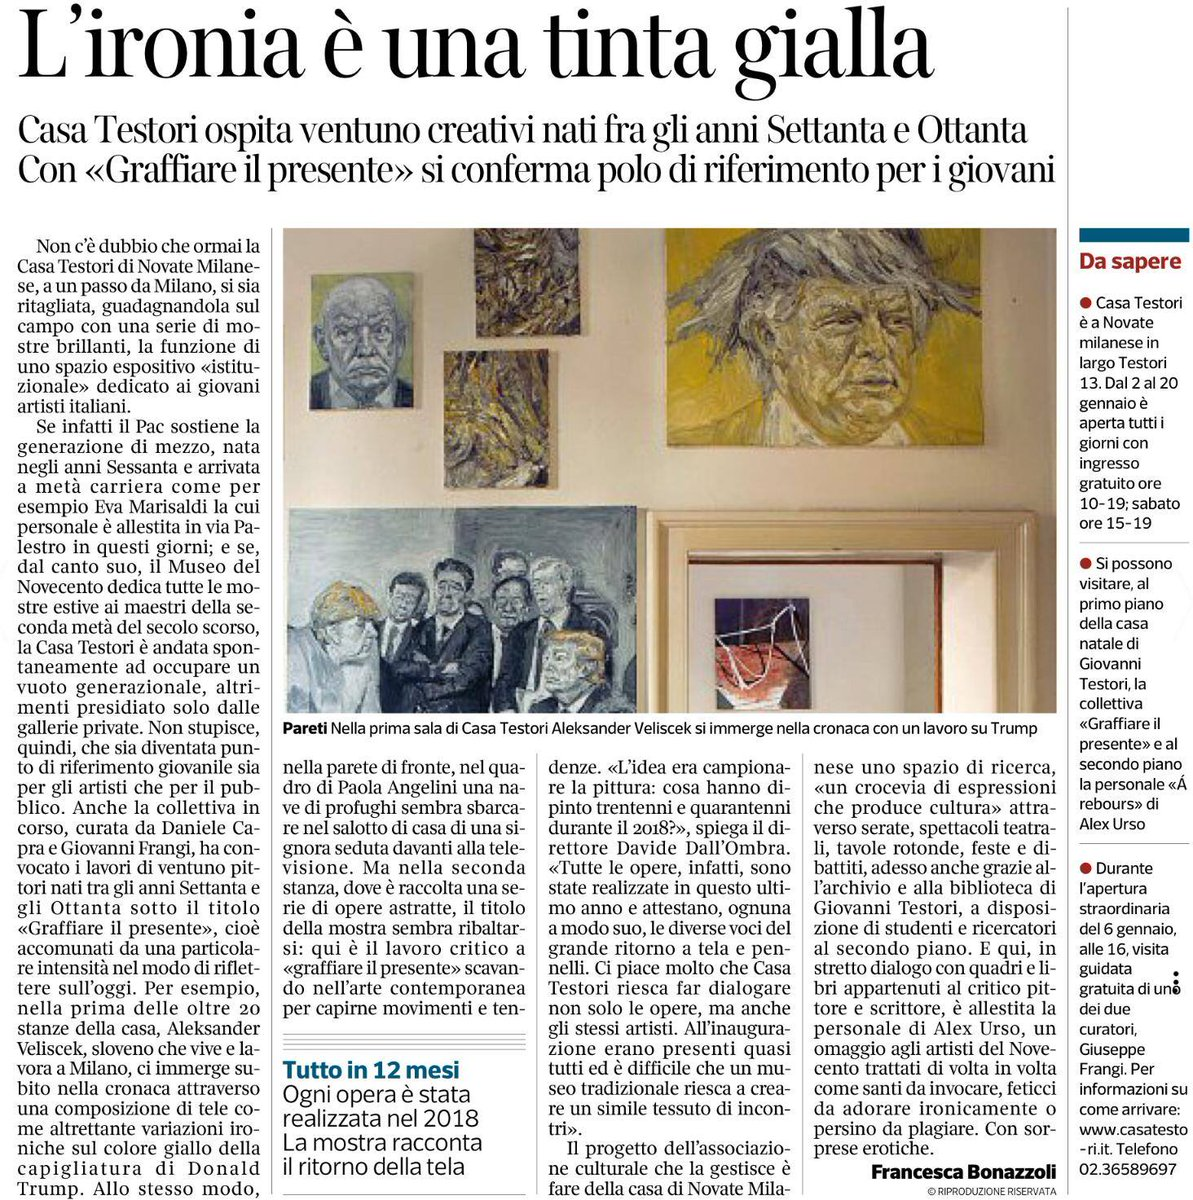 Grazie a @FBonazzoli e @corrieremilano per l'articolo su #GraffiareIlPresente ospitata a @CasaTestori con 21 artisti che su occupano di pittura in italia. La mostra è curata da @robedachiodi e #DanieleCapra #ArteContemporanea #pittura #curatore